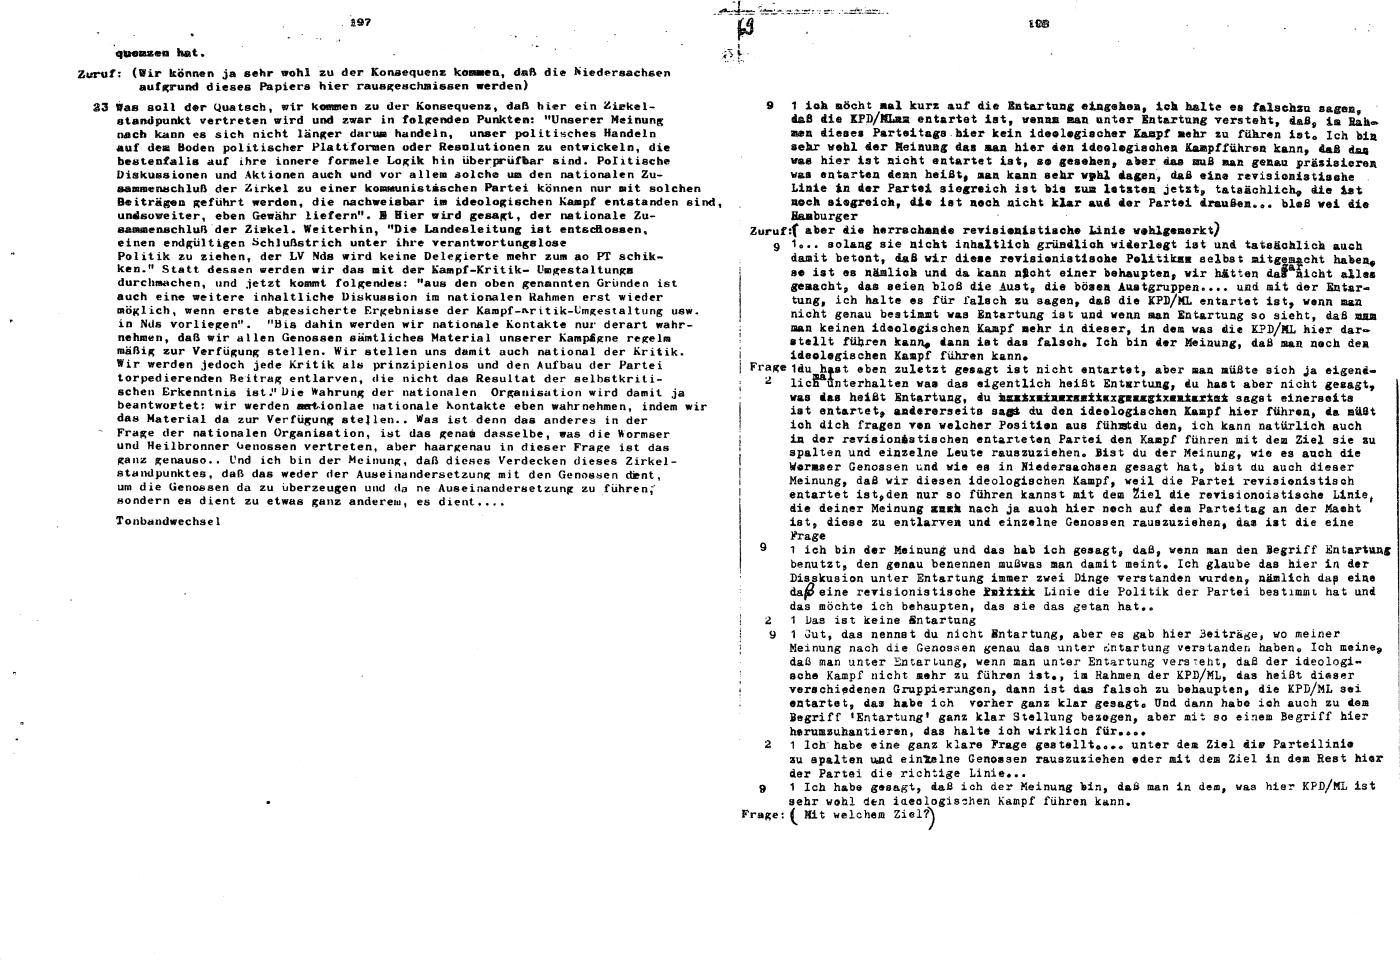 KPDML_1971_Wortprotokolle_aoPt_089